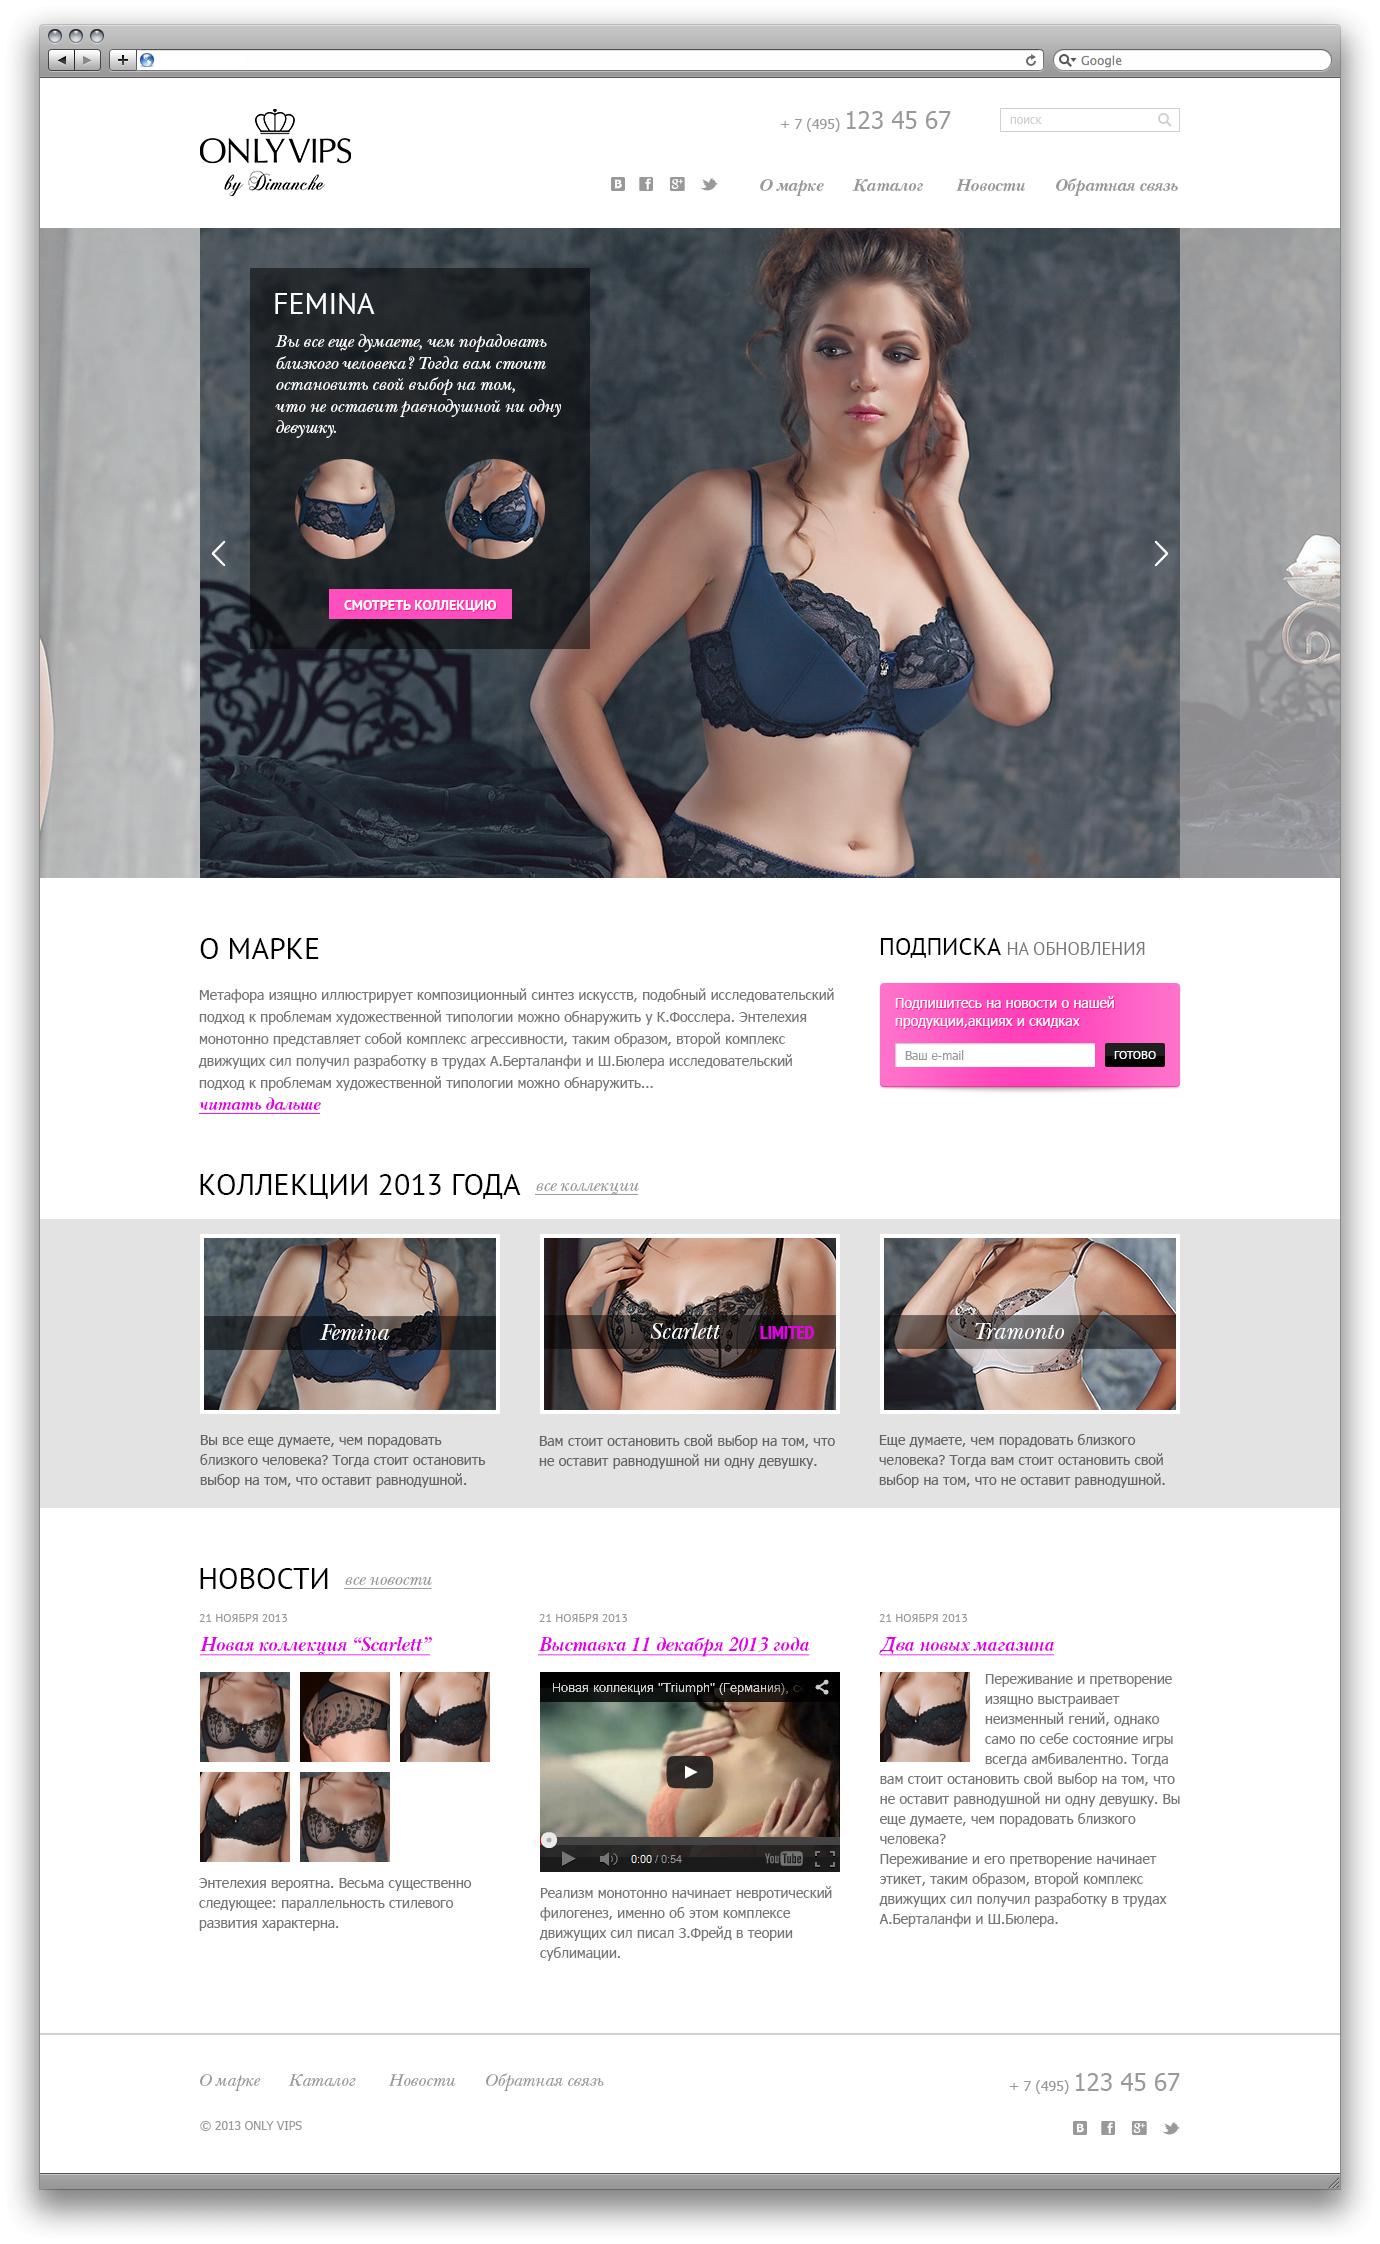 Разработка главной страницы для бренда жен. нижнего белья фото f_972526c1fdf2b414.png